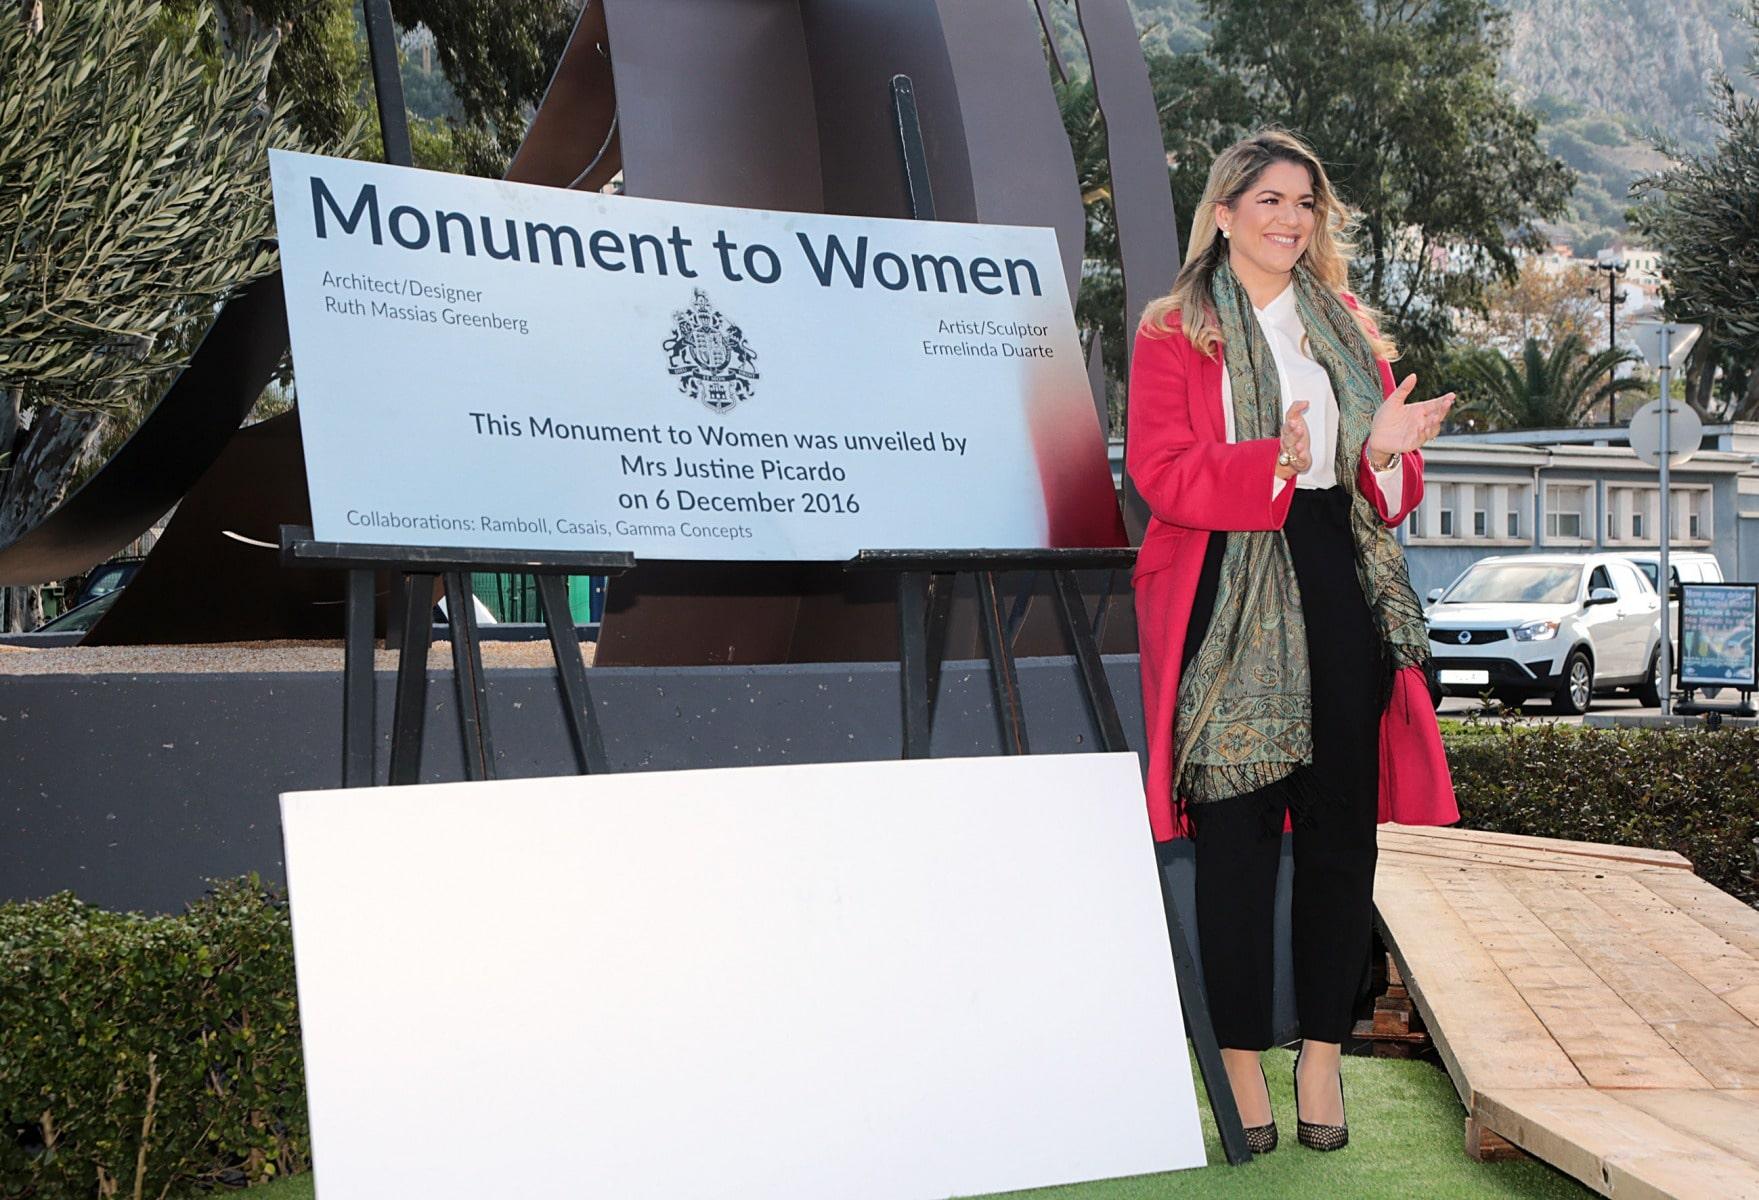 inauguracin-del-monumento-a-la-mujer-en-gibraltar_31093429520_o